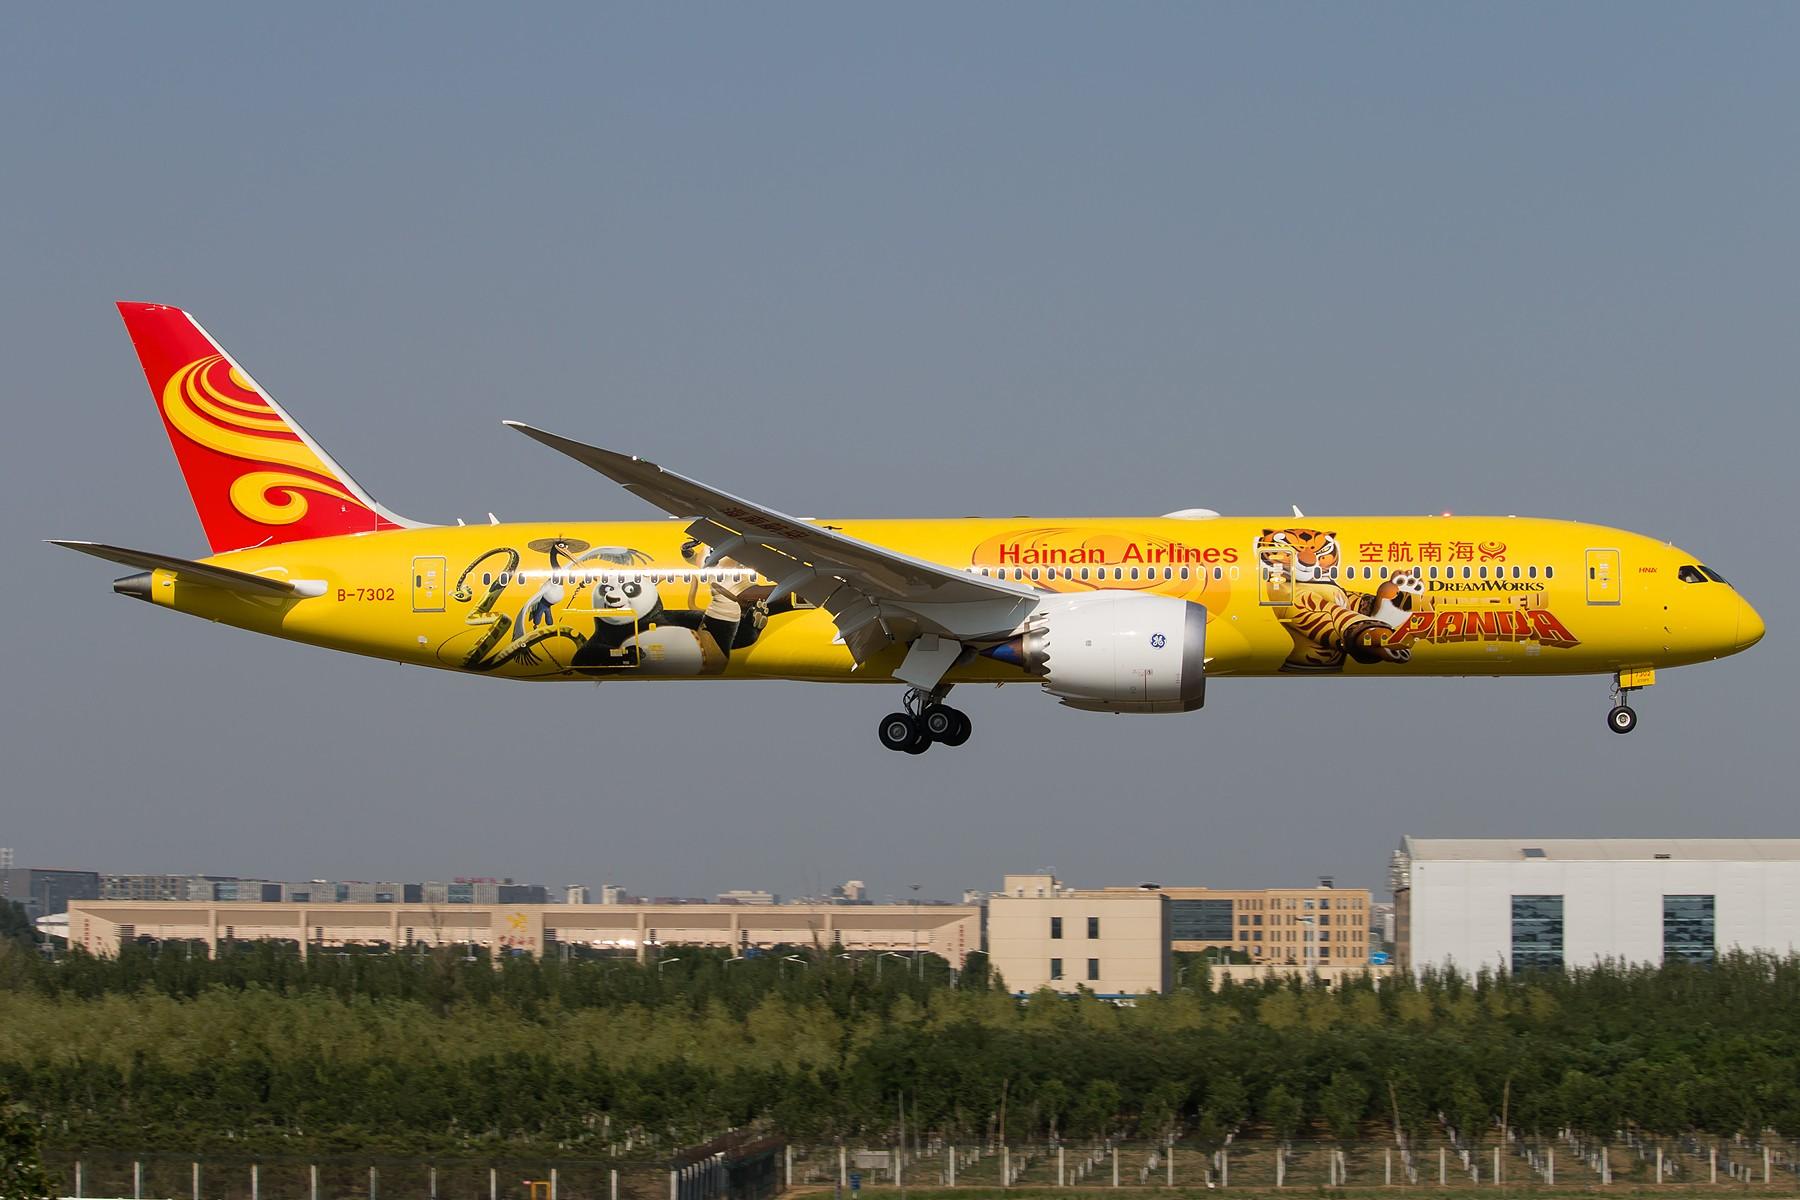 [原创][一图党] 海南航空 功夫熊猫3号 1800*1200 BOEING 787-9 B-7302 中国北京首都国际机场